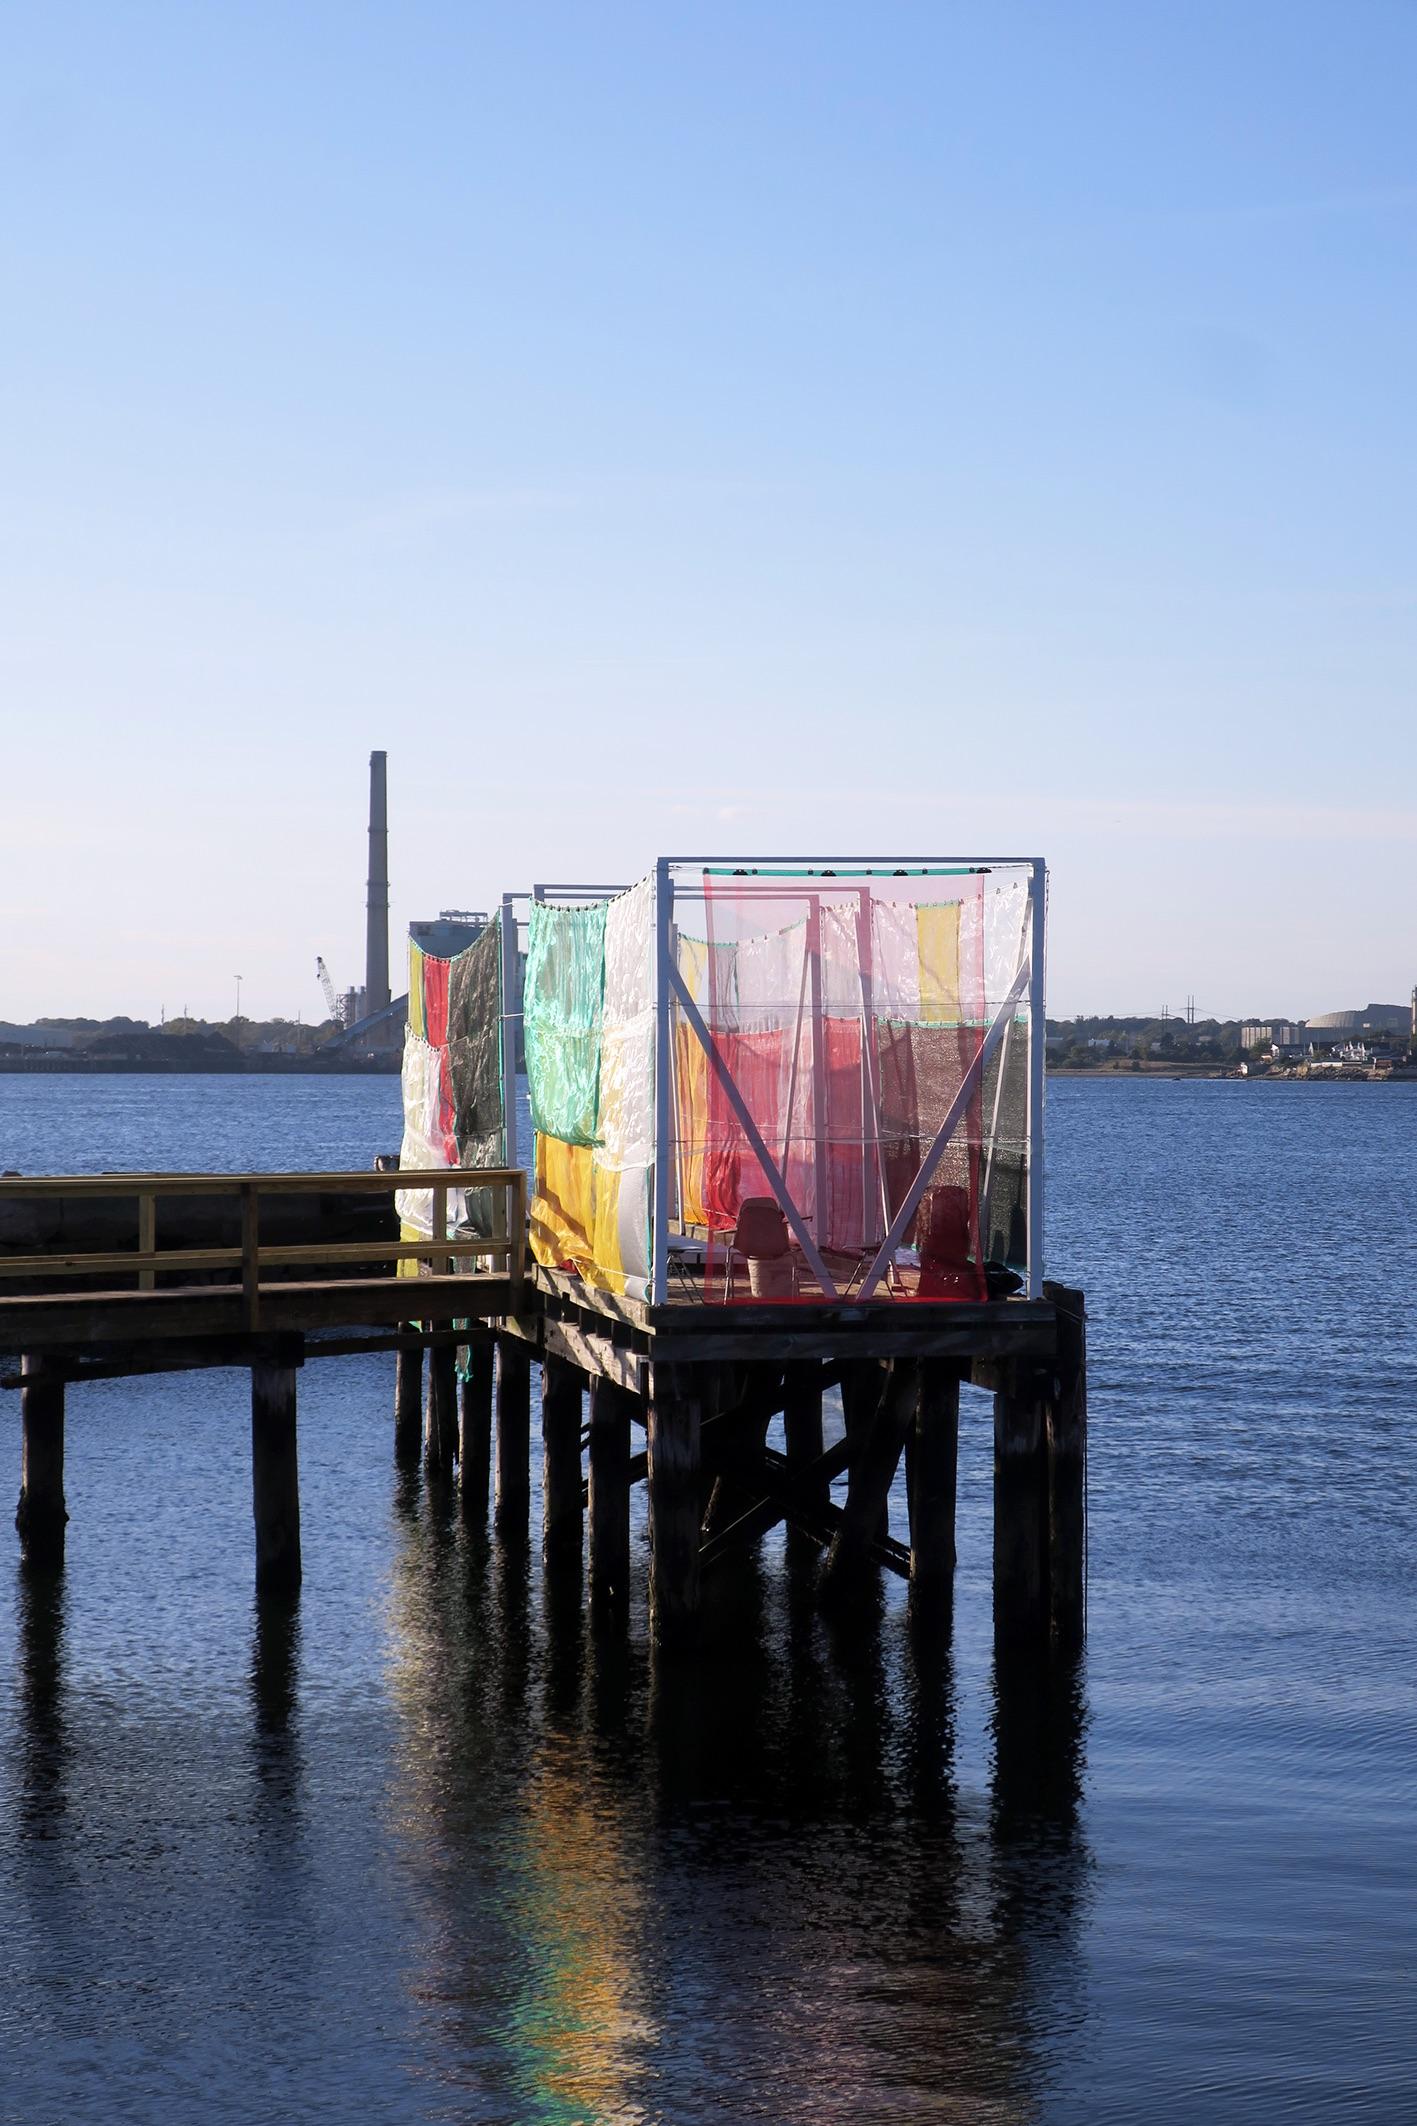 Molo, Alberonero's last artwork in the USA